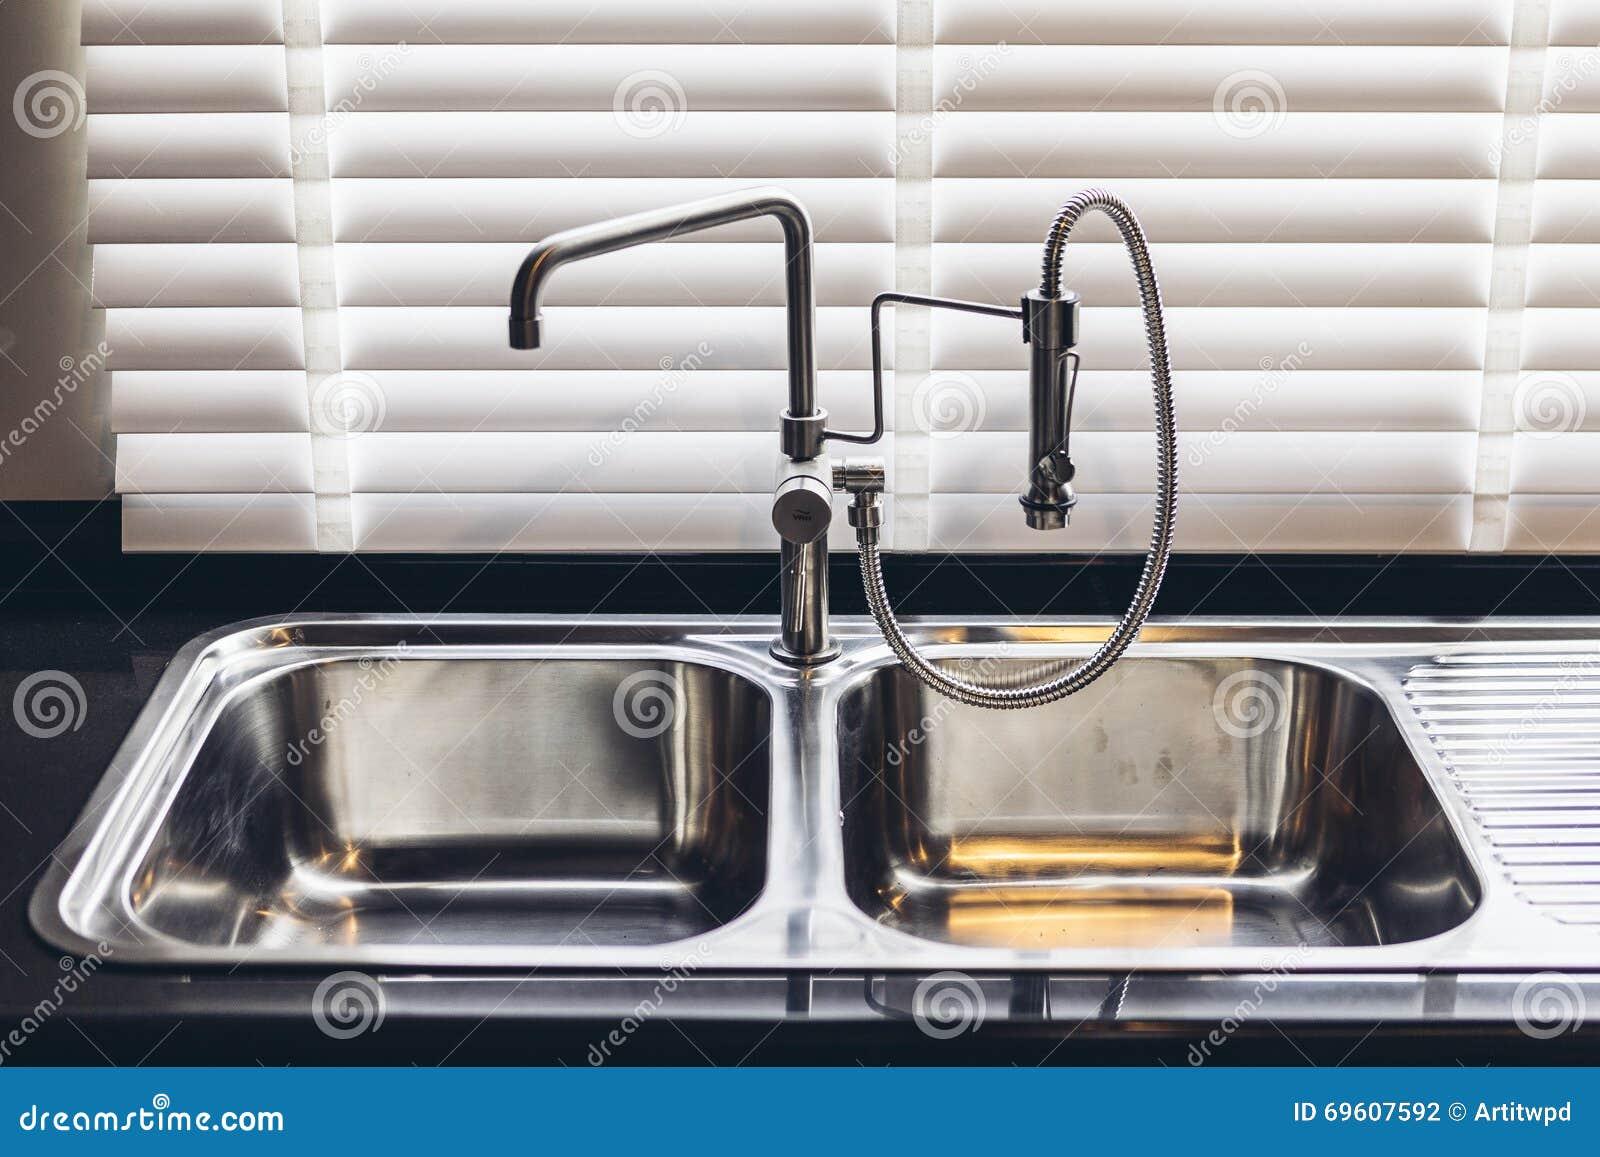 House modelo moderno italiano fregadero de cocina de for Fregaderos de aluminio